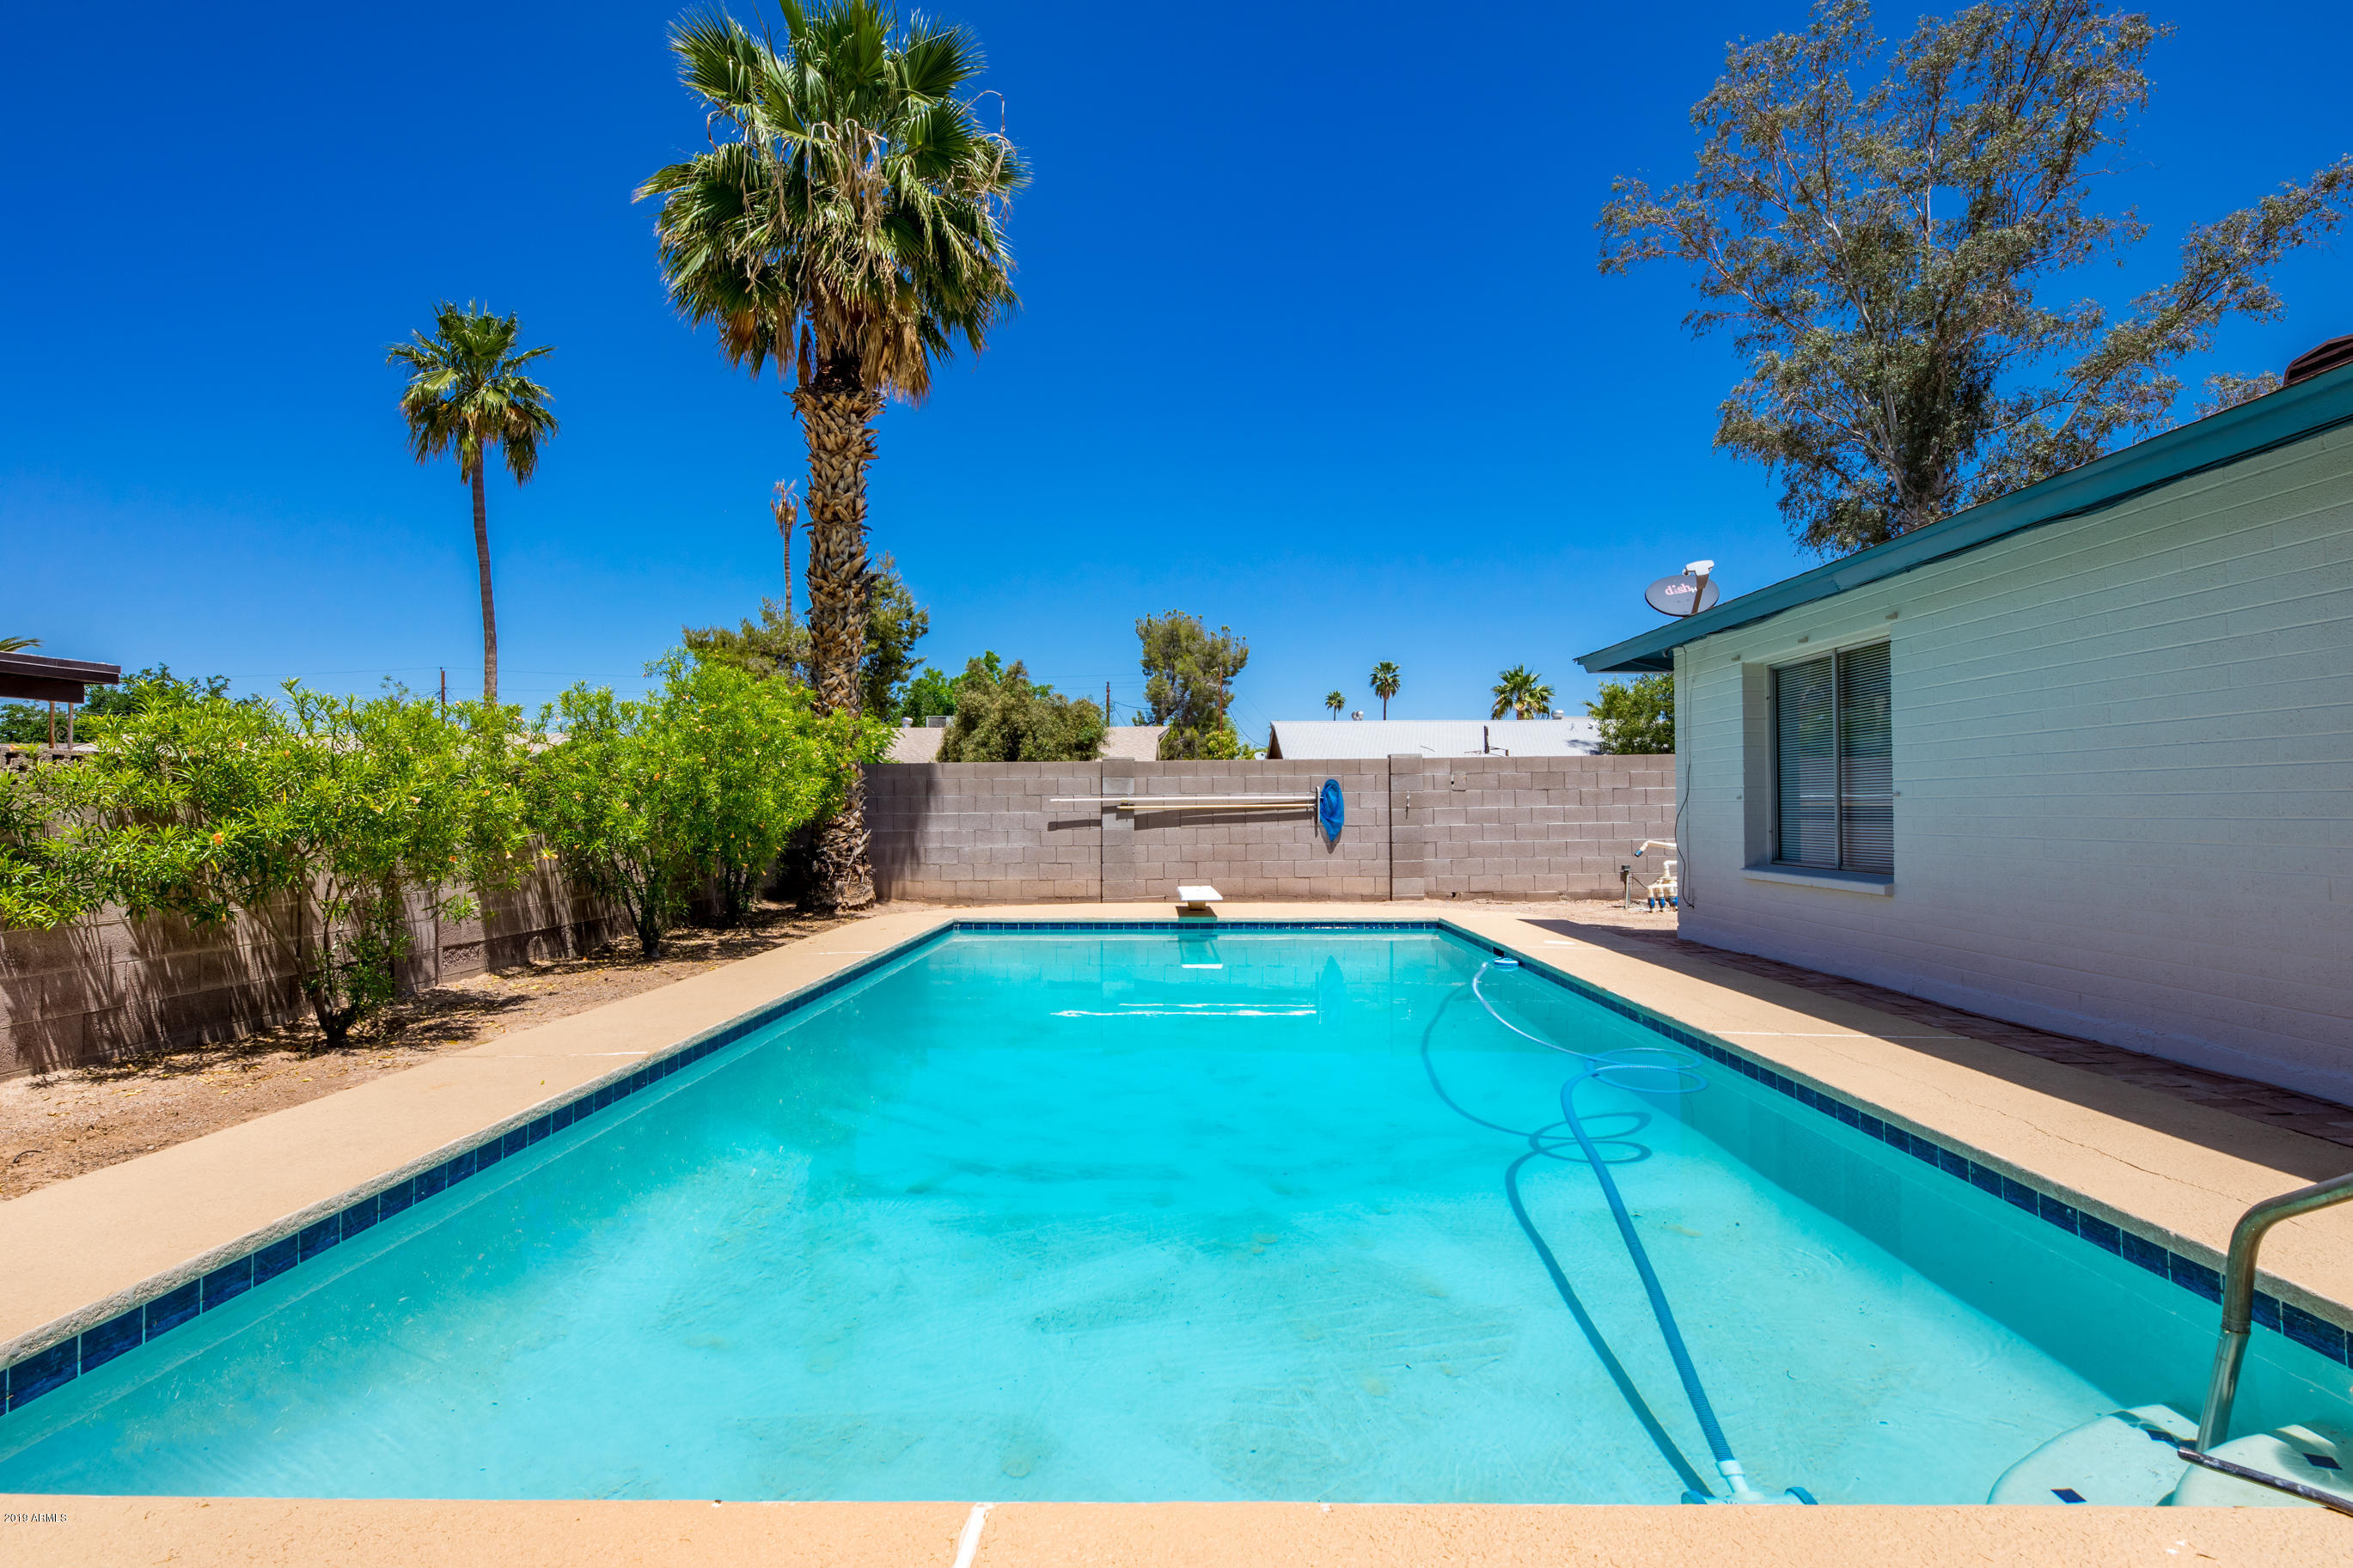 MLS 5921325 5338 N GRANITE REEF Road, Scottsdale, AZ 85250 Scottsdale AZ Private Pool